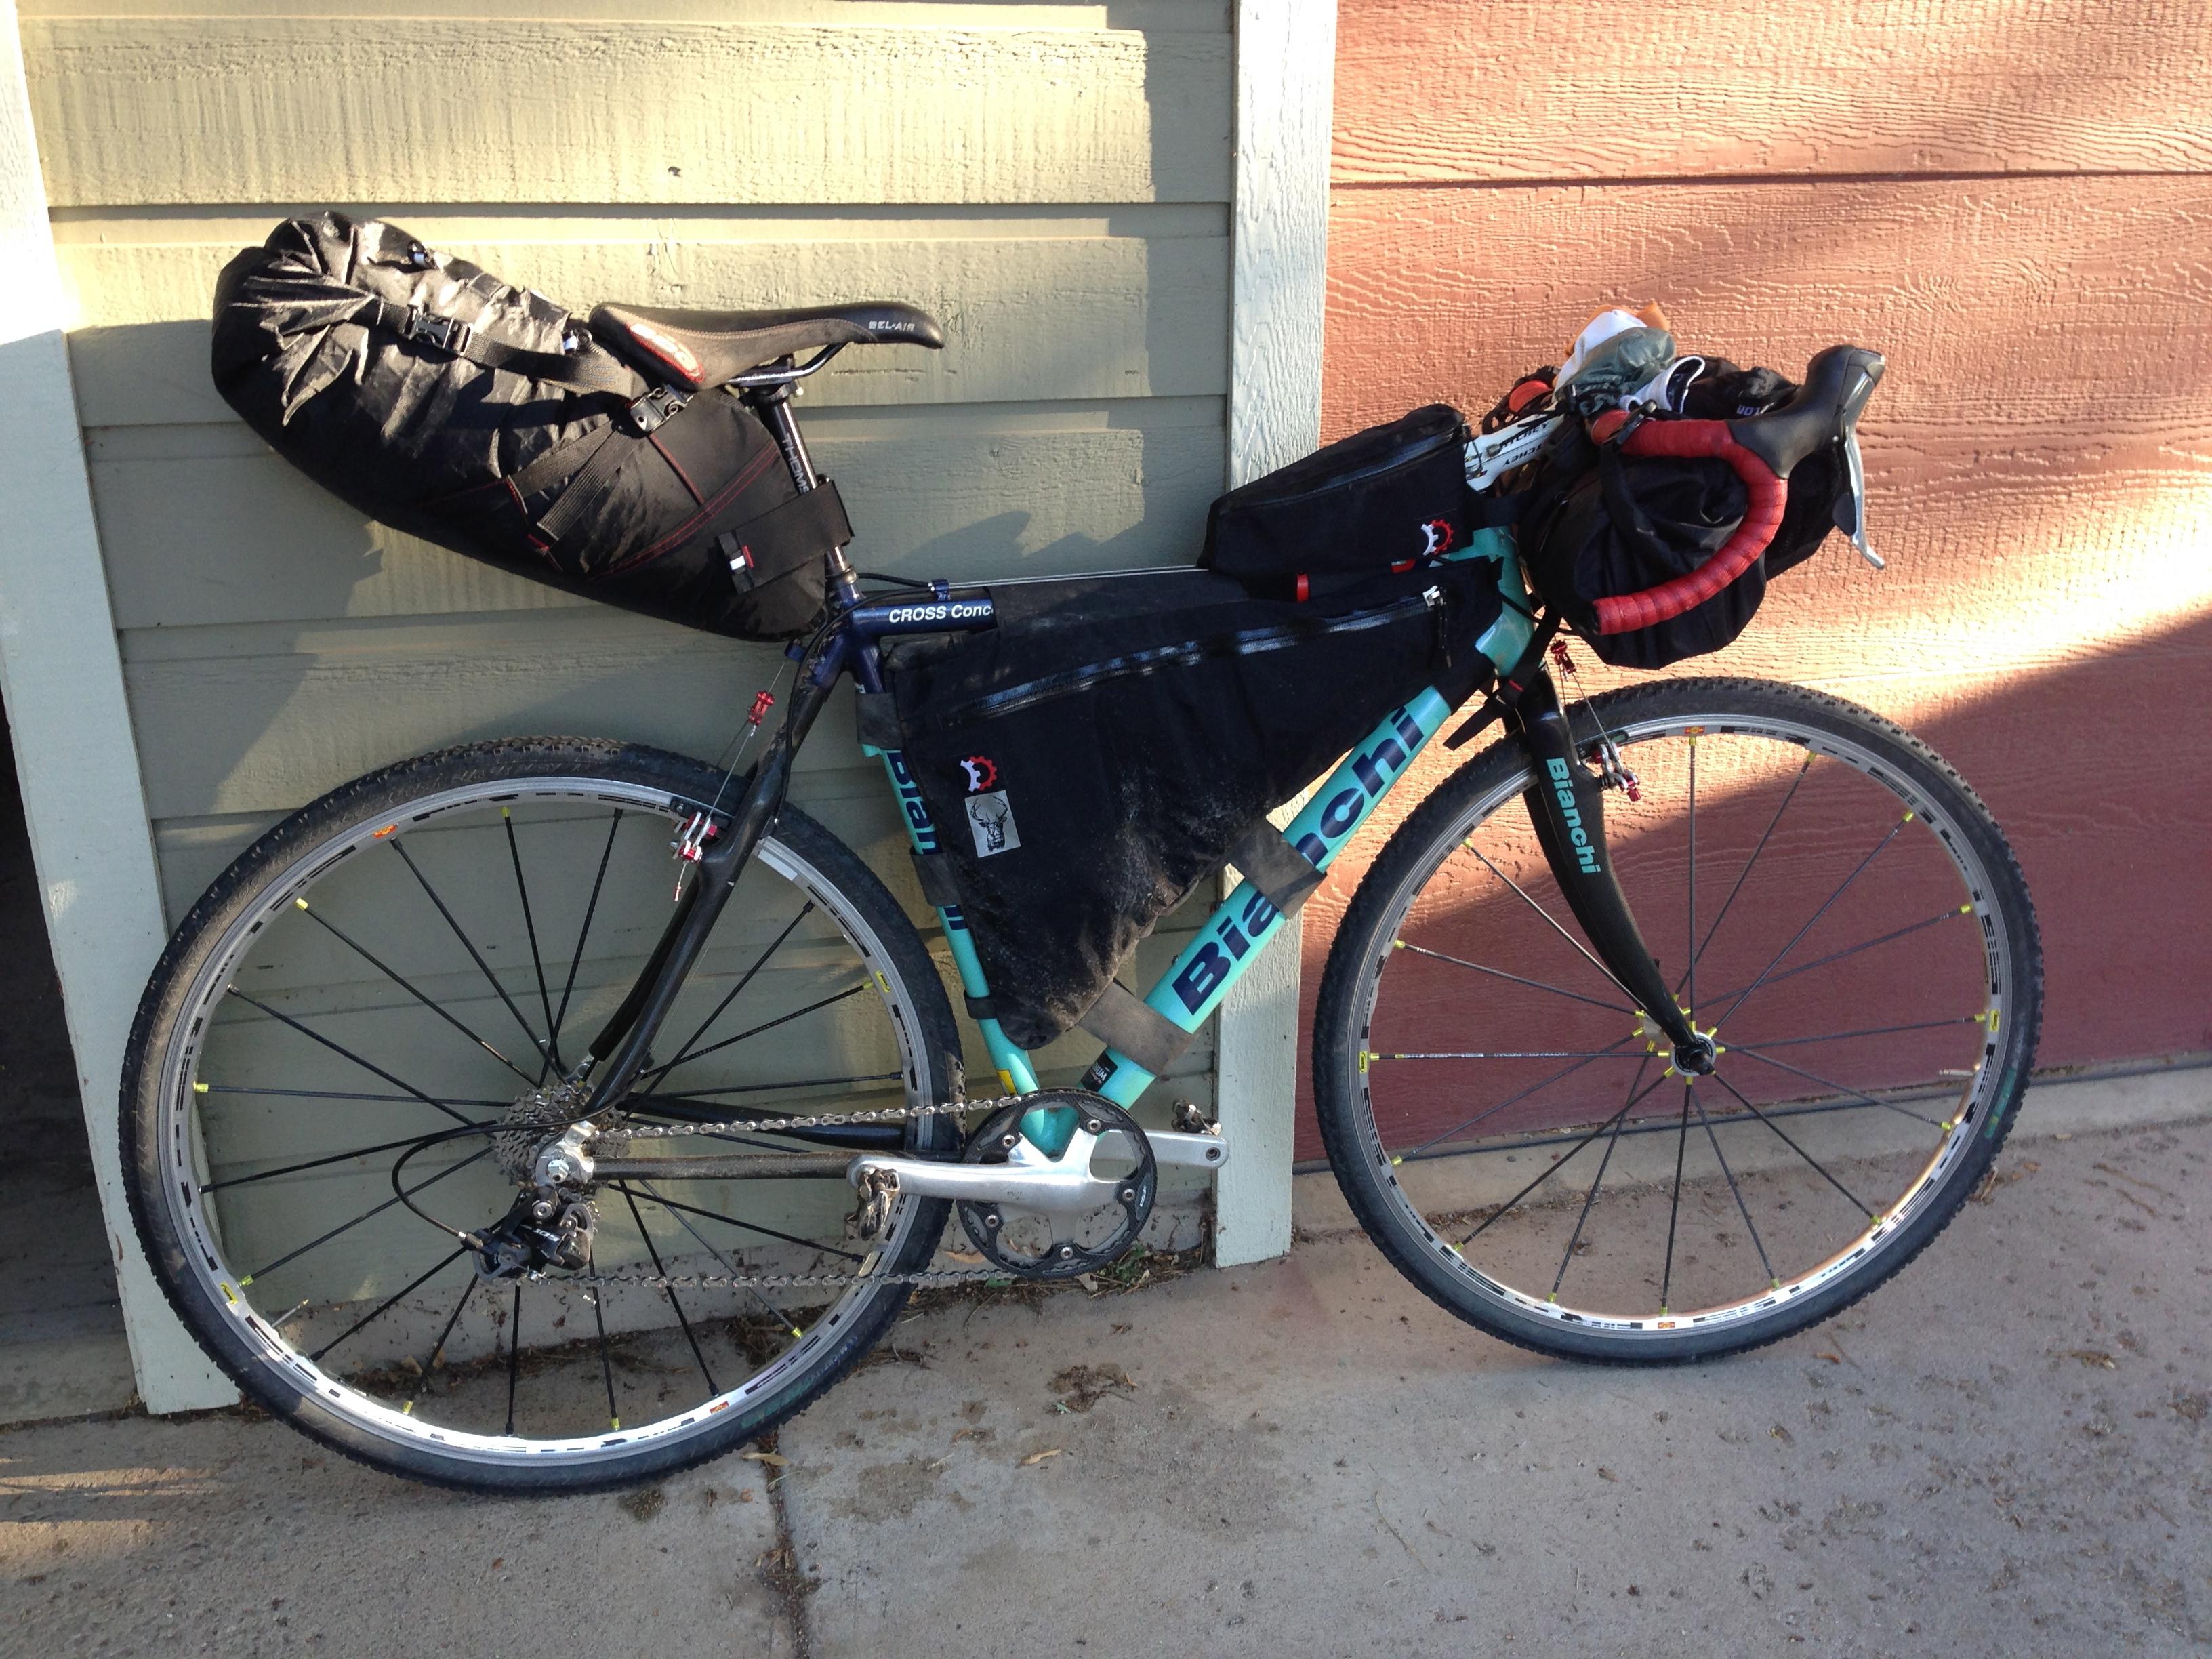 bikepacking gear set up